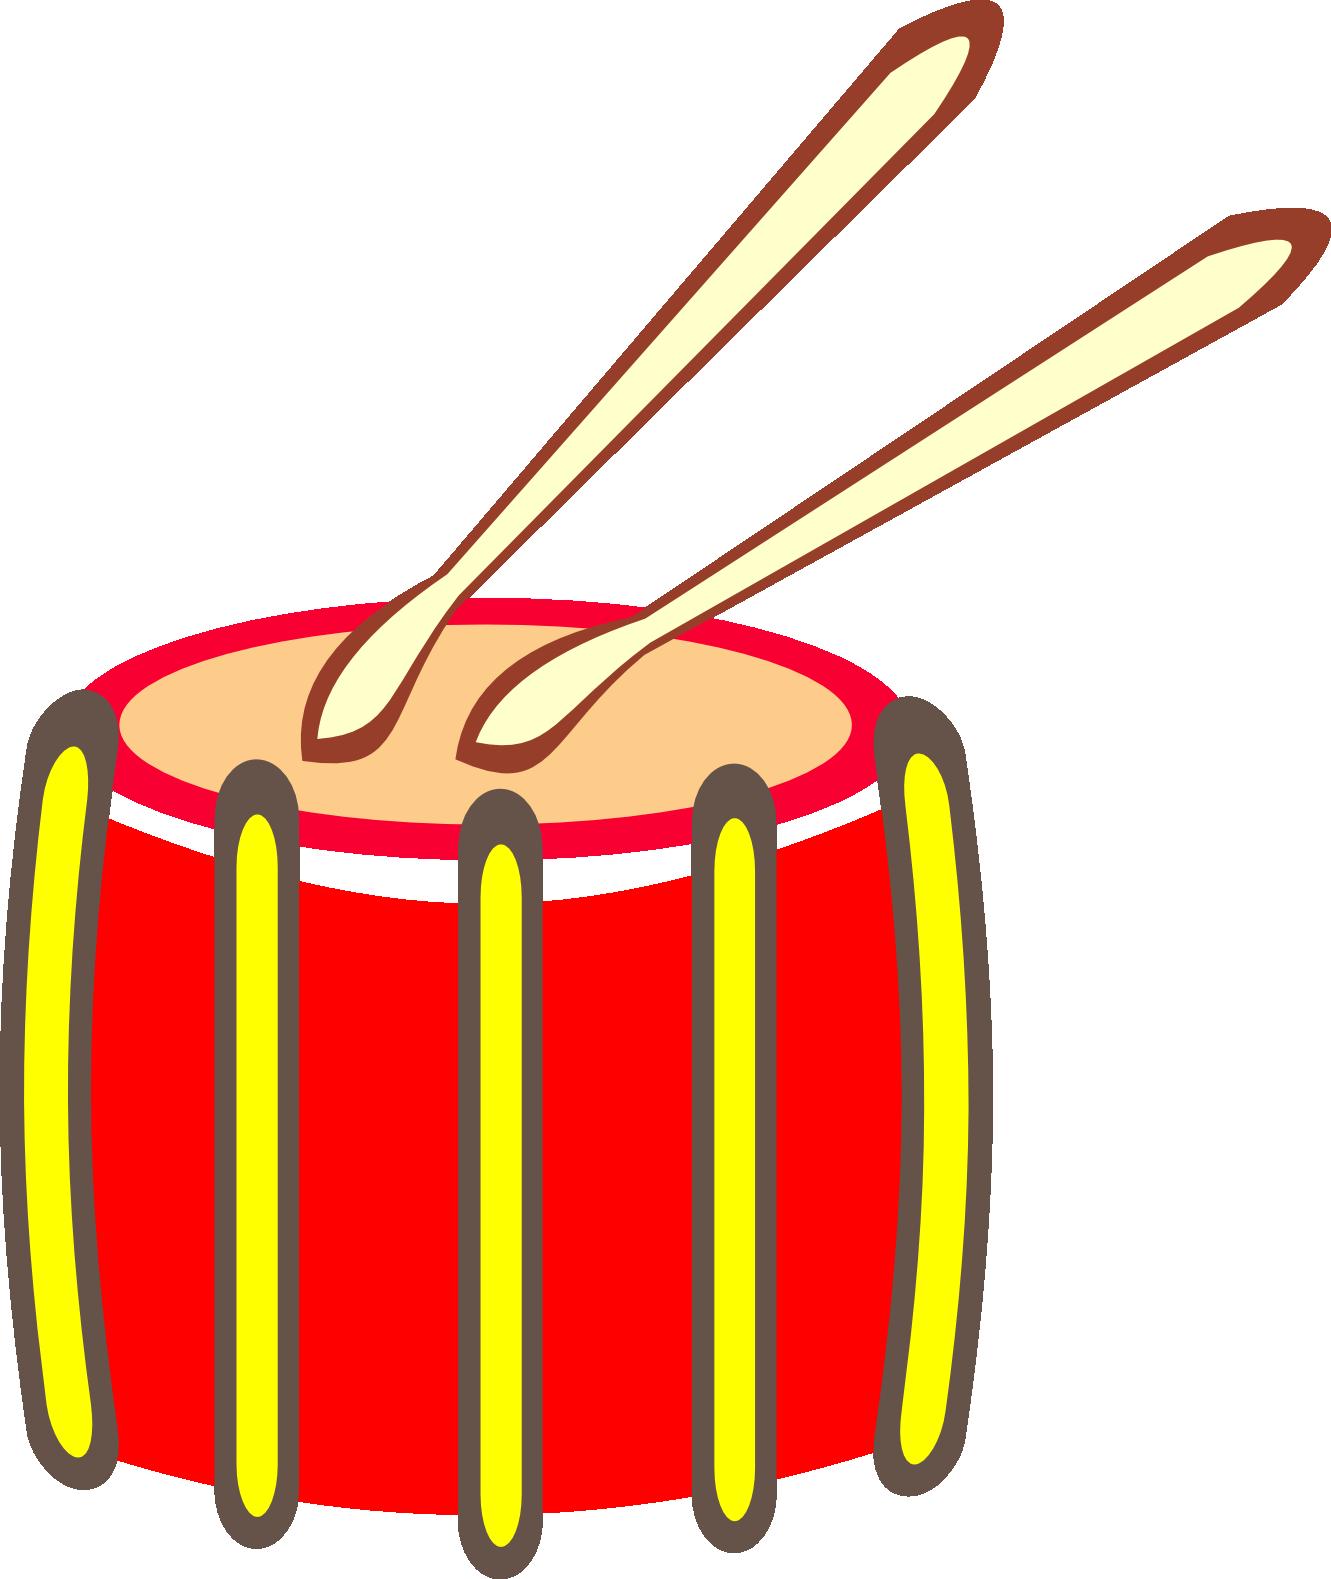 1331x1579 Drum Clipart